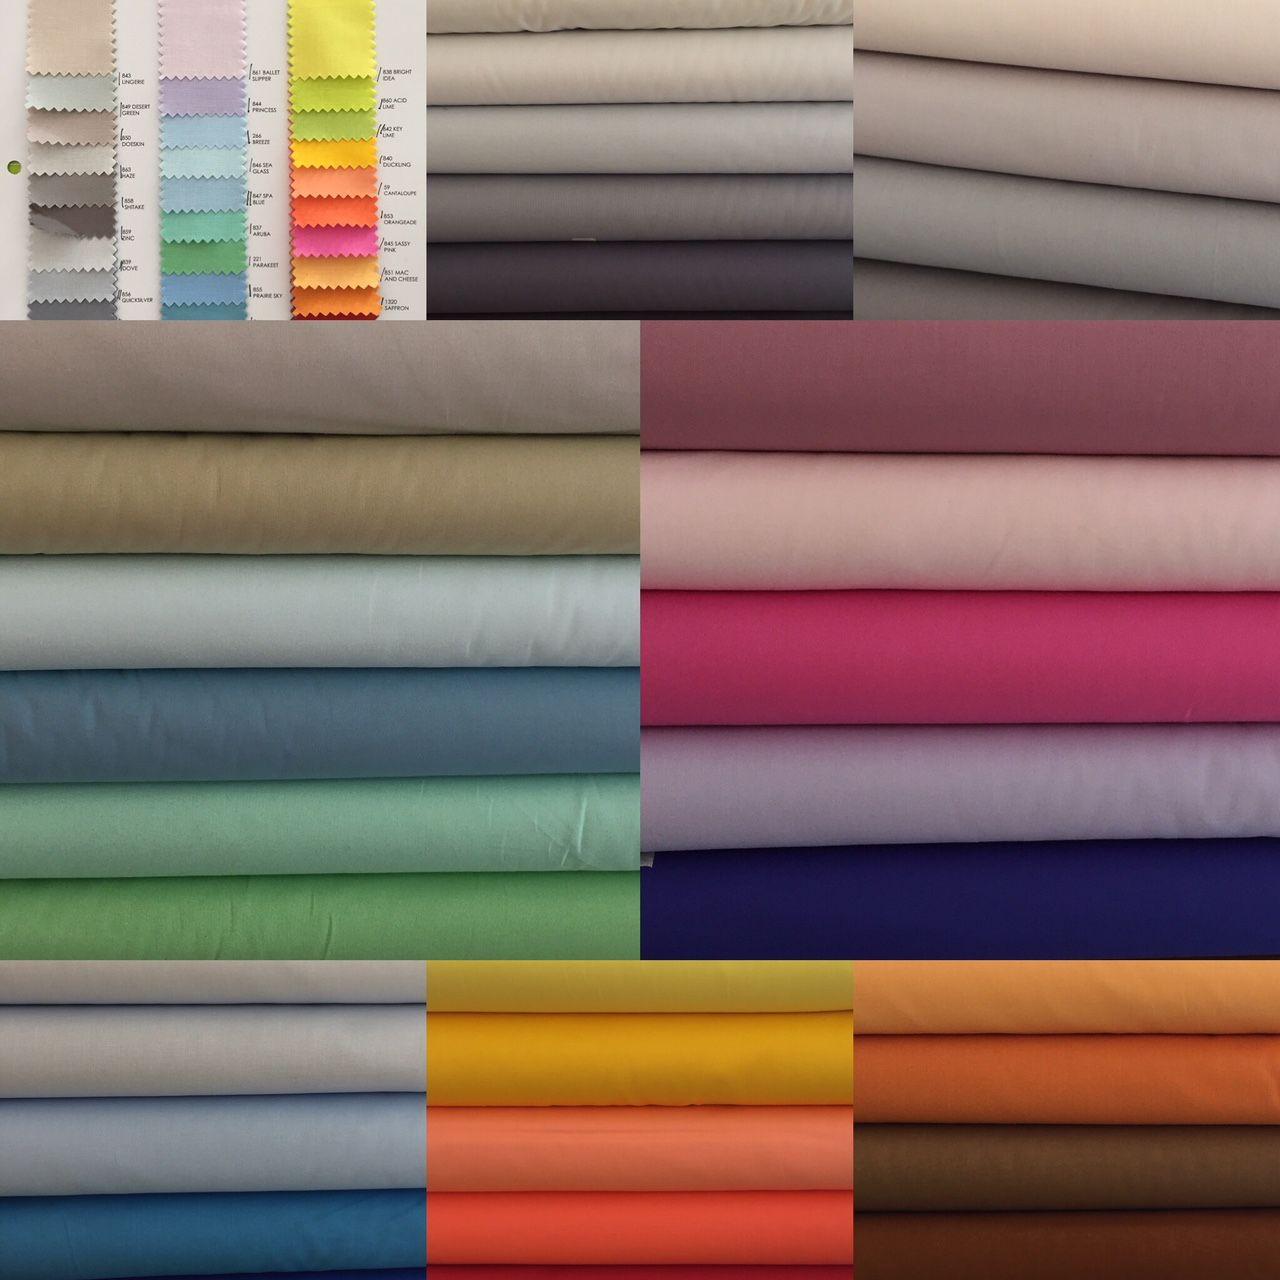 wir haben jetzt die neuen einfarbigen Stoffe von Kona Cotton von 2017